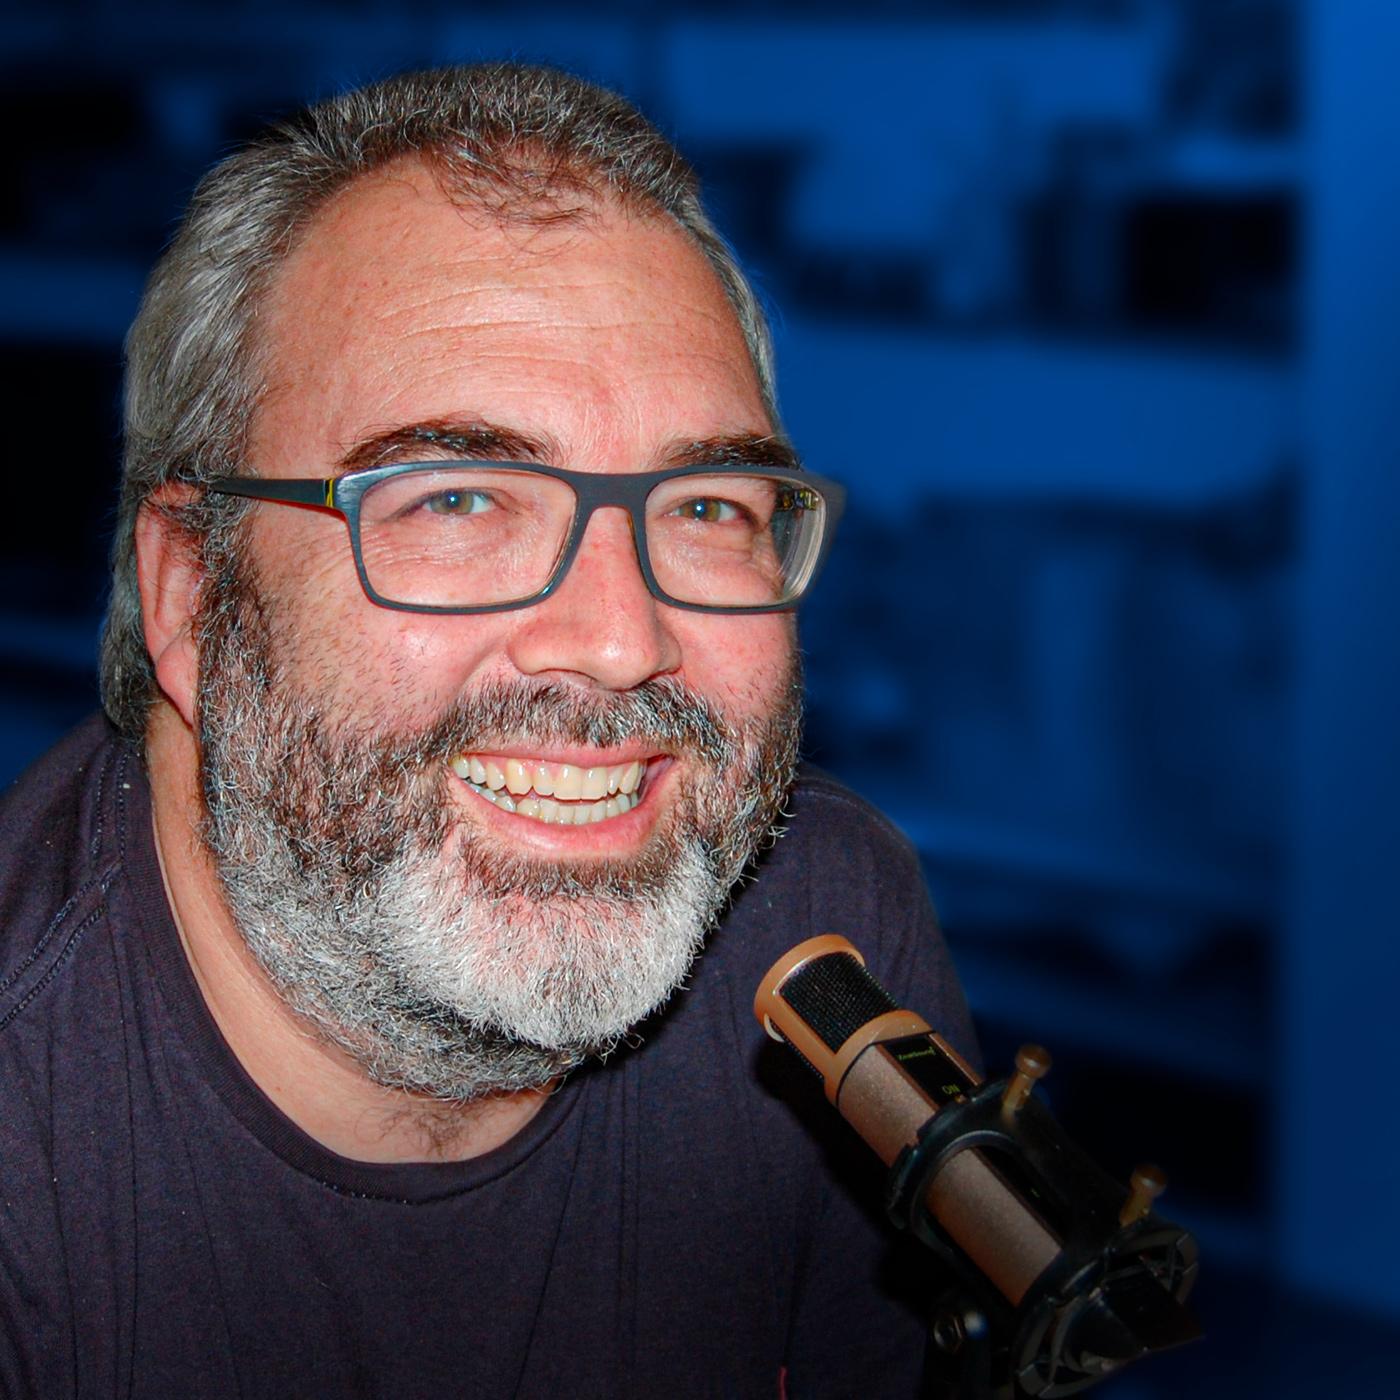 Alberto Picci